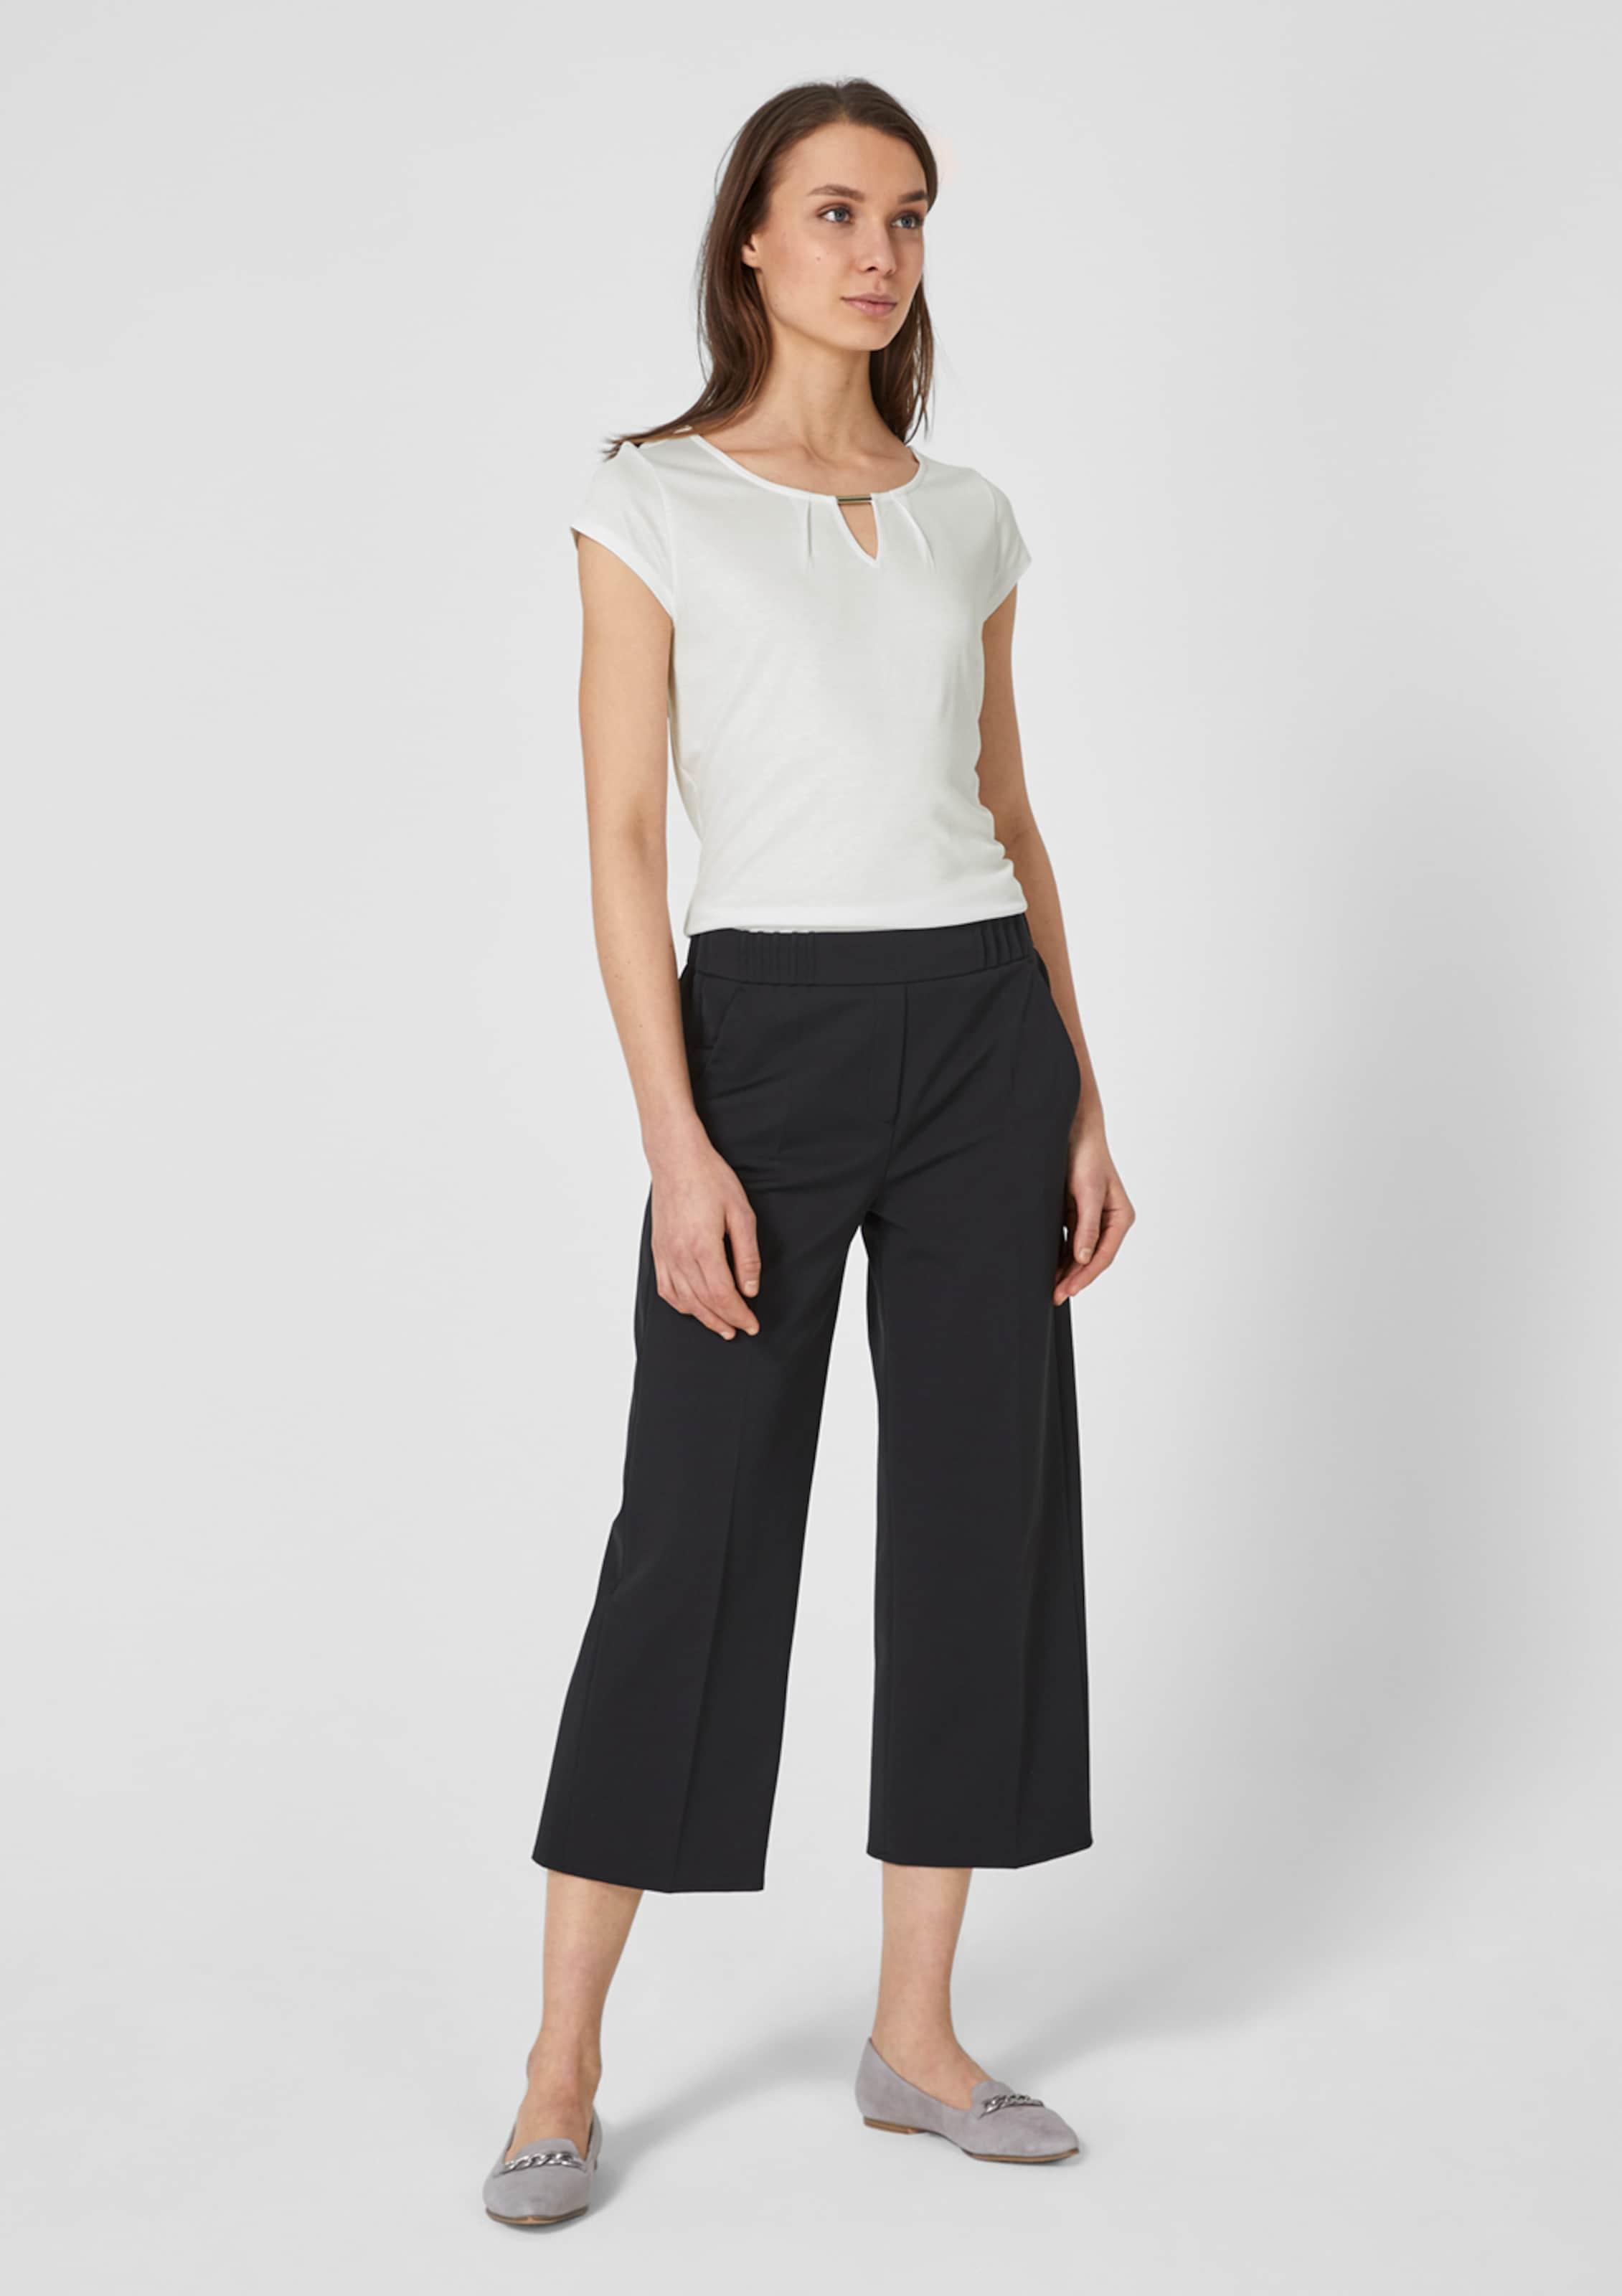 Black S Jerseyshirt Label oliver Weiß In jpqzMVLSUG